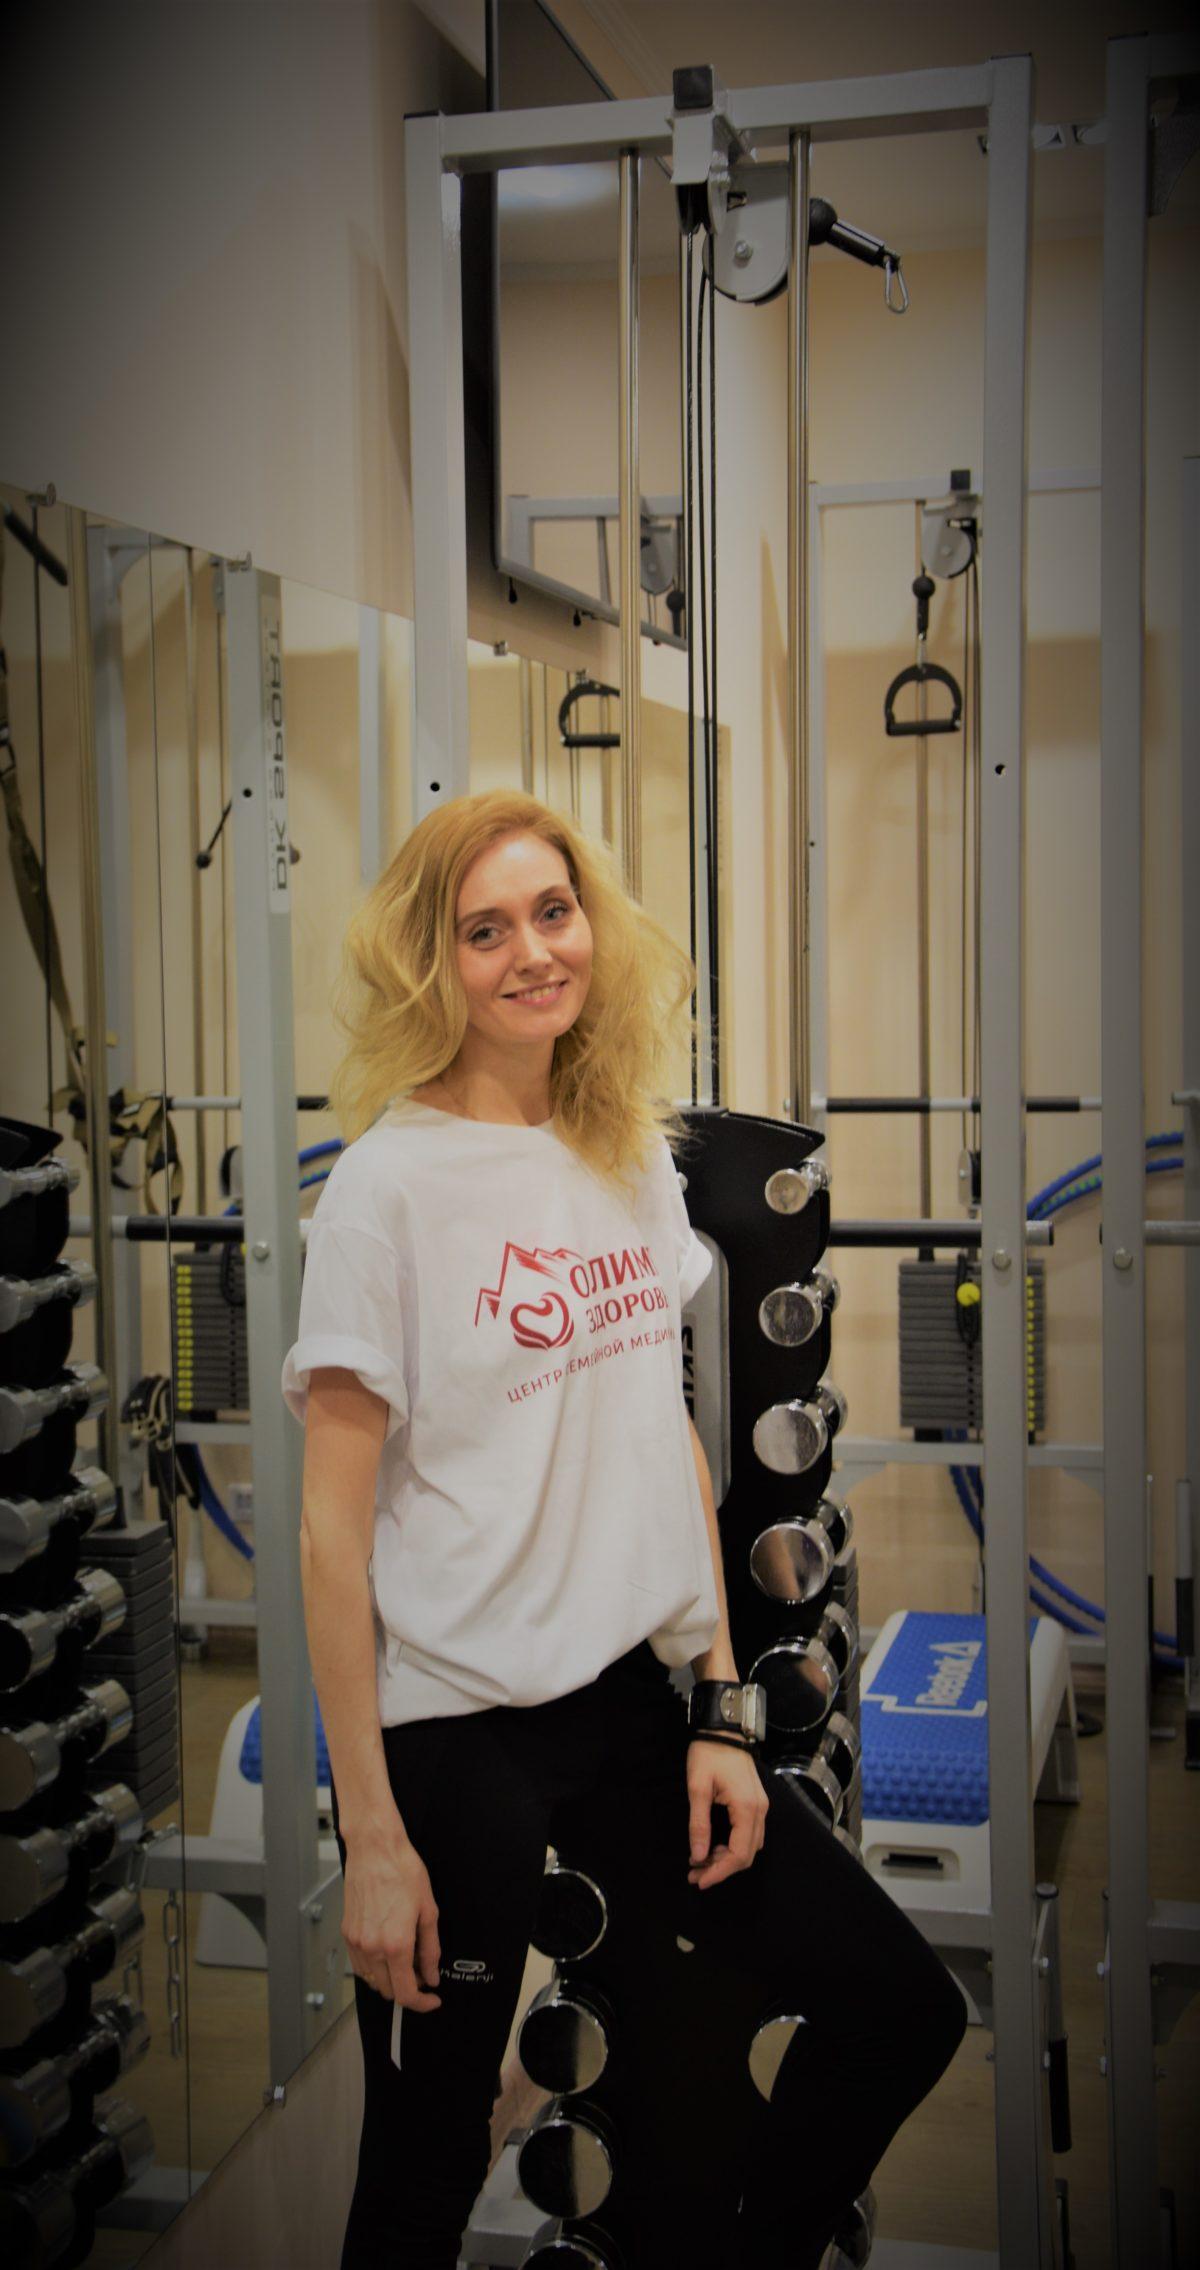 «Олимп Здоровья» предлагает индивидуальные тренировки по специальной цене